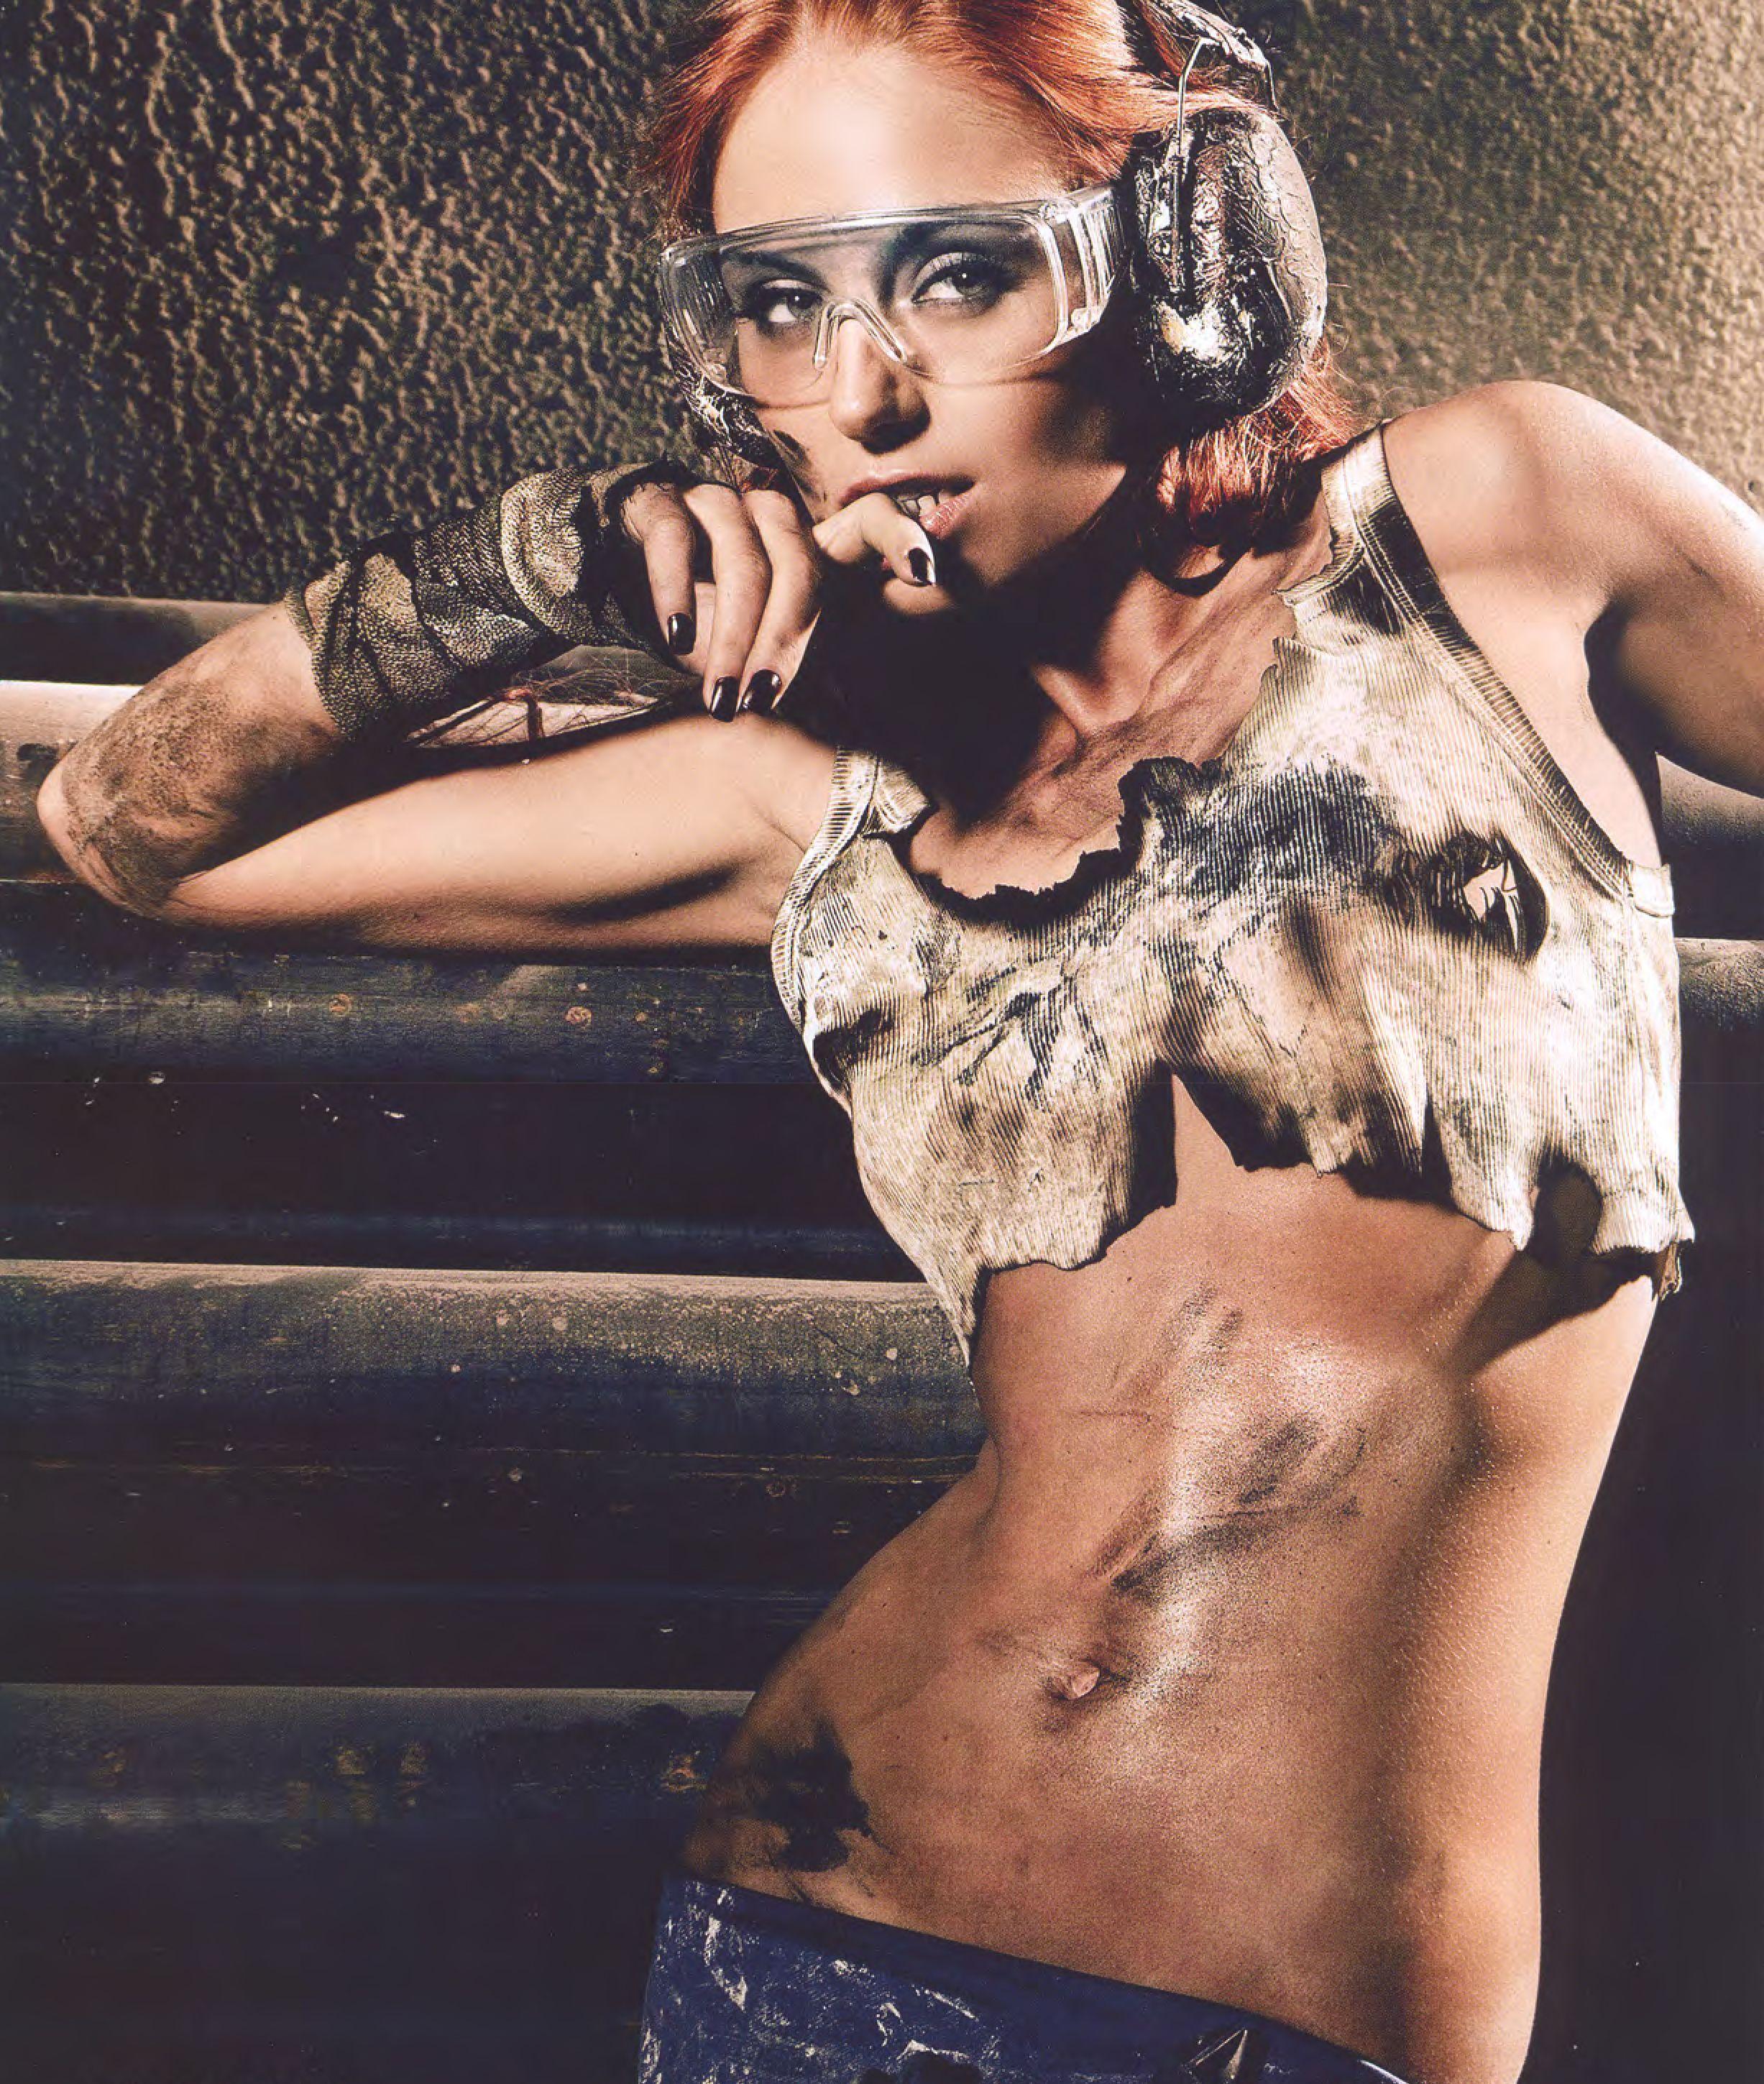 Girl Mechanic Nude pin on mechanic shoot